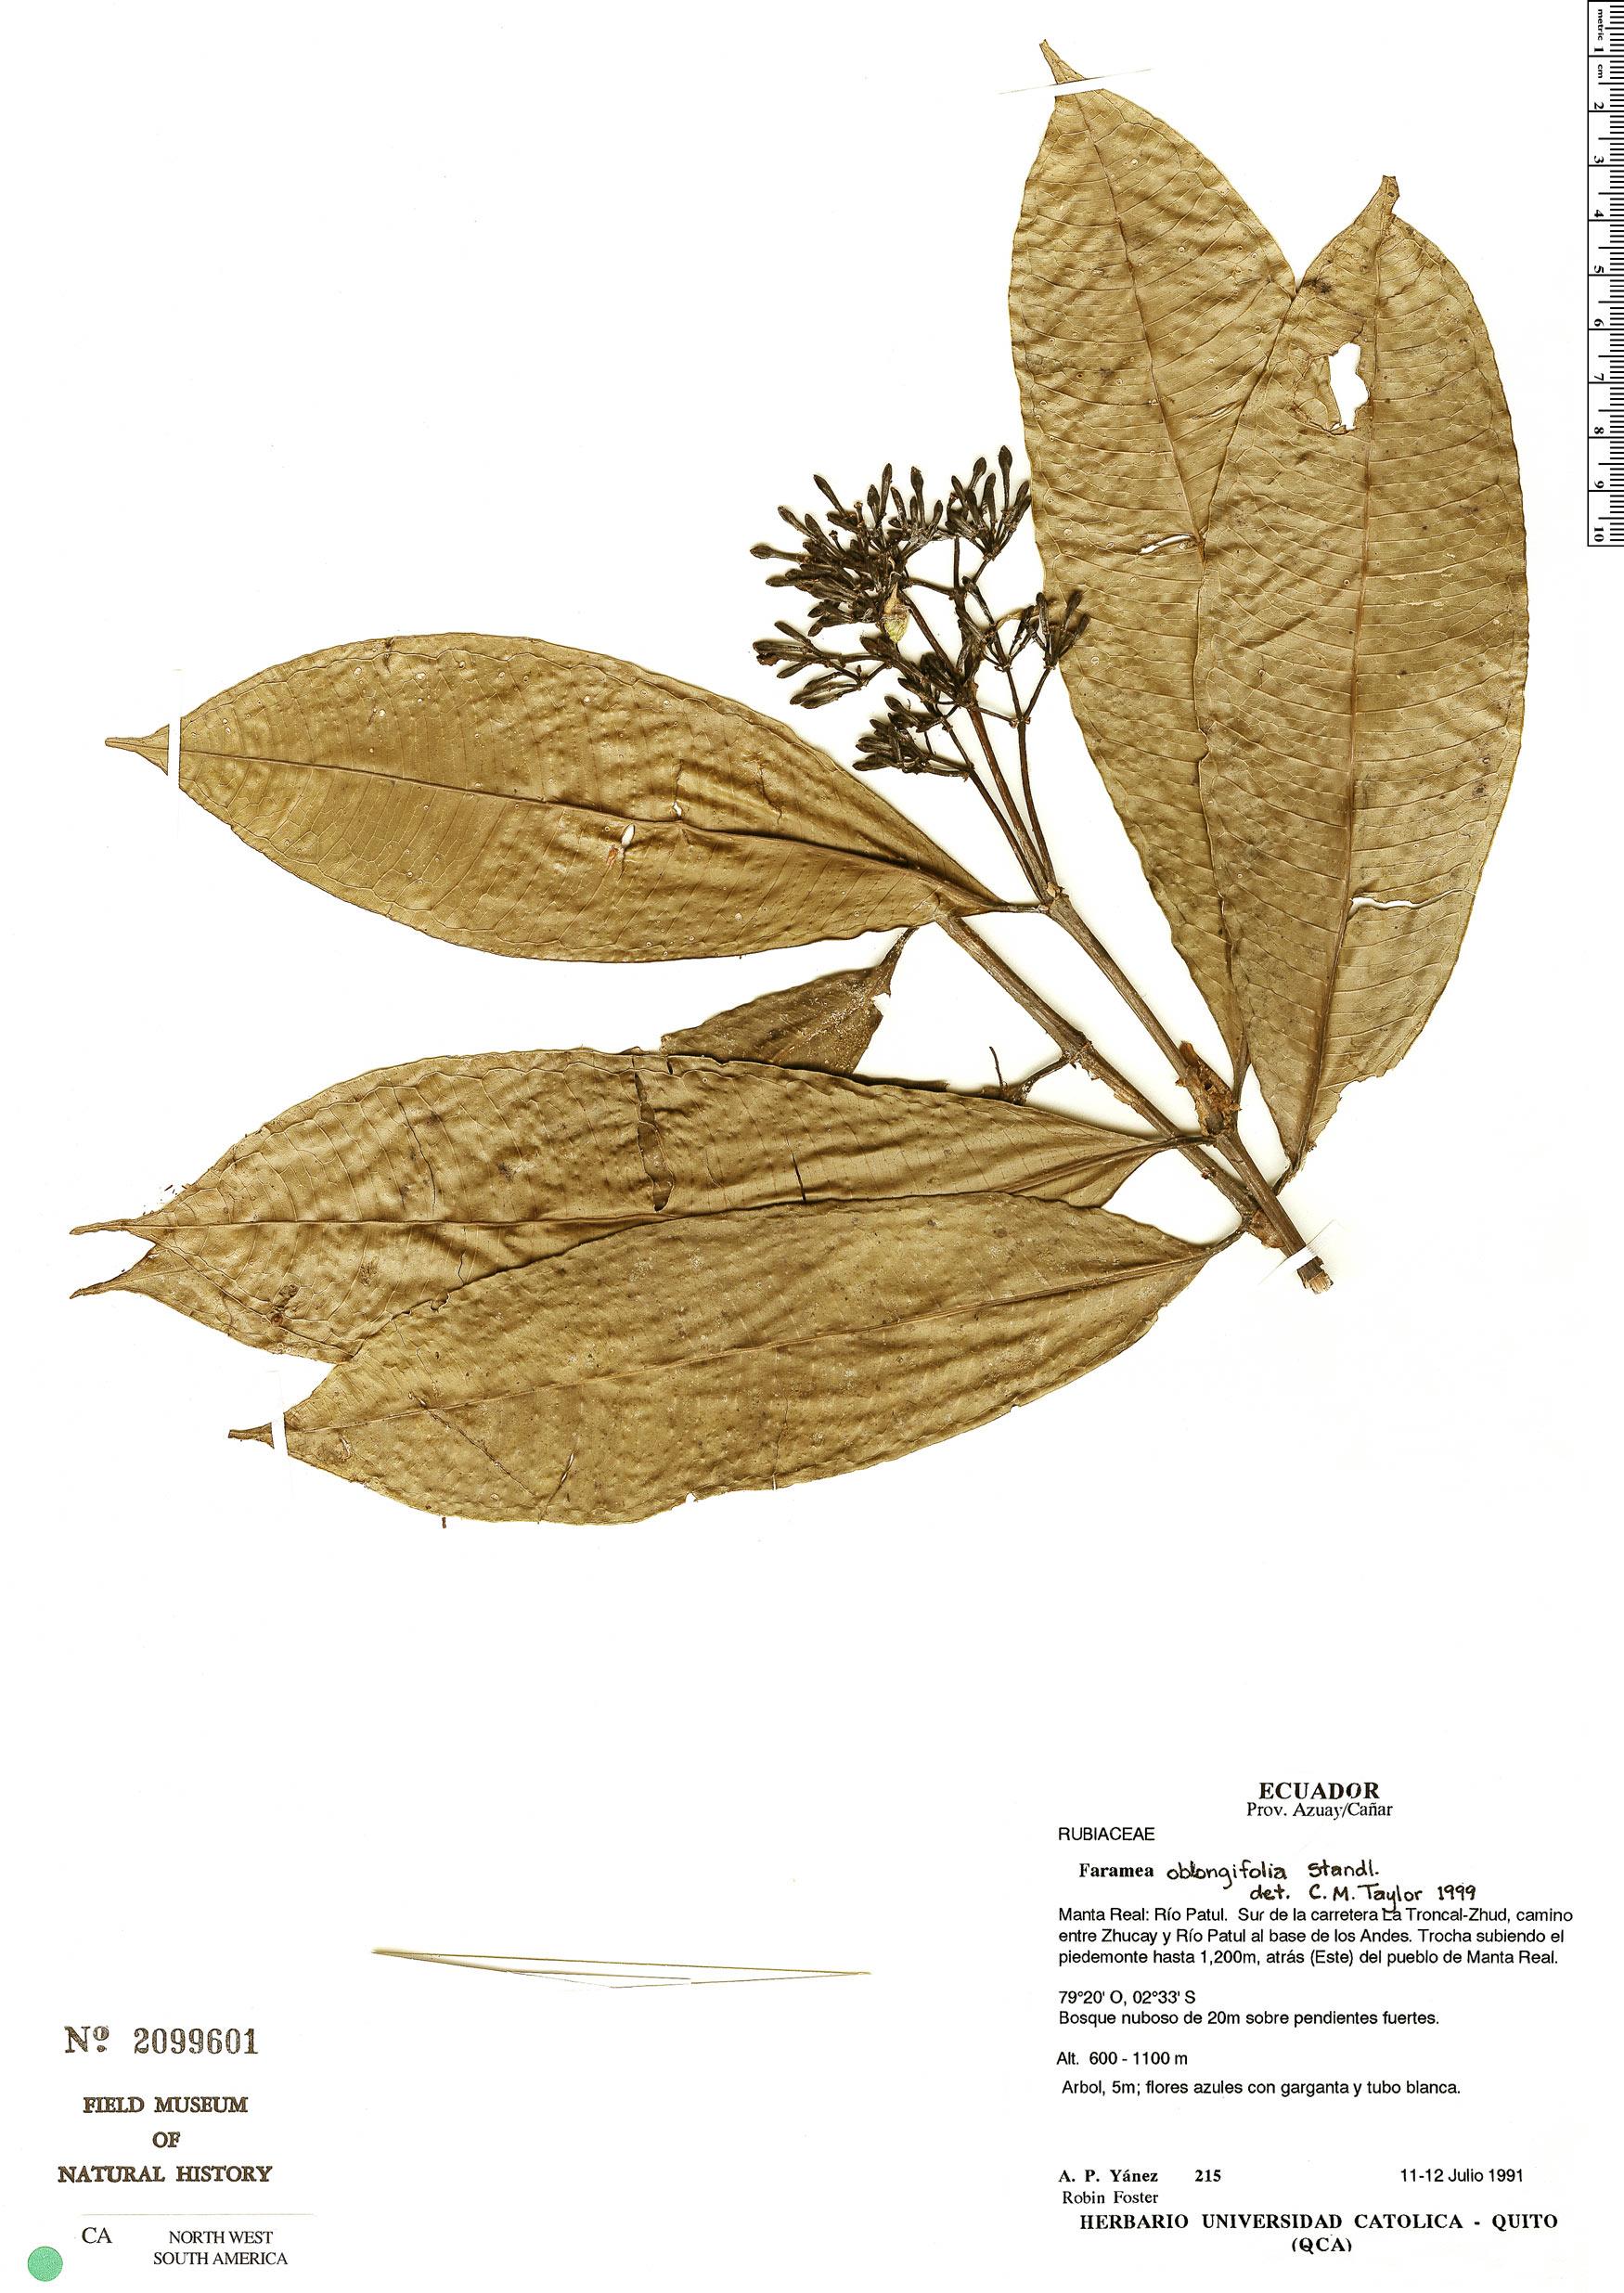 Specimen: Faramea oblongifolia